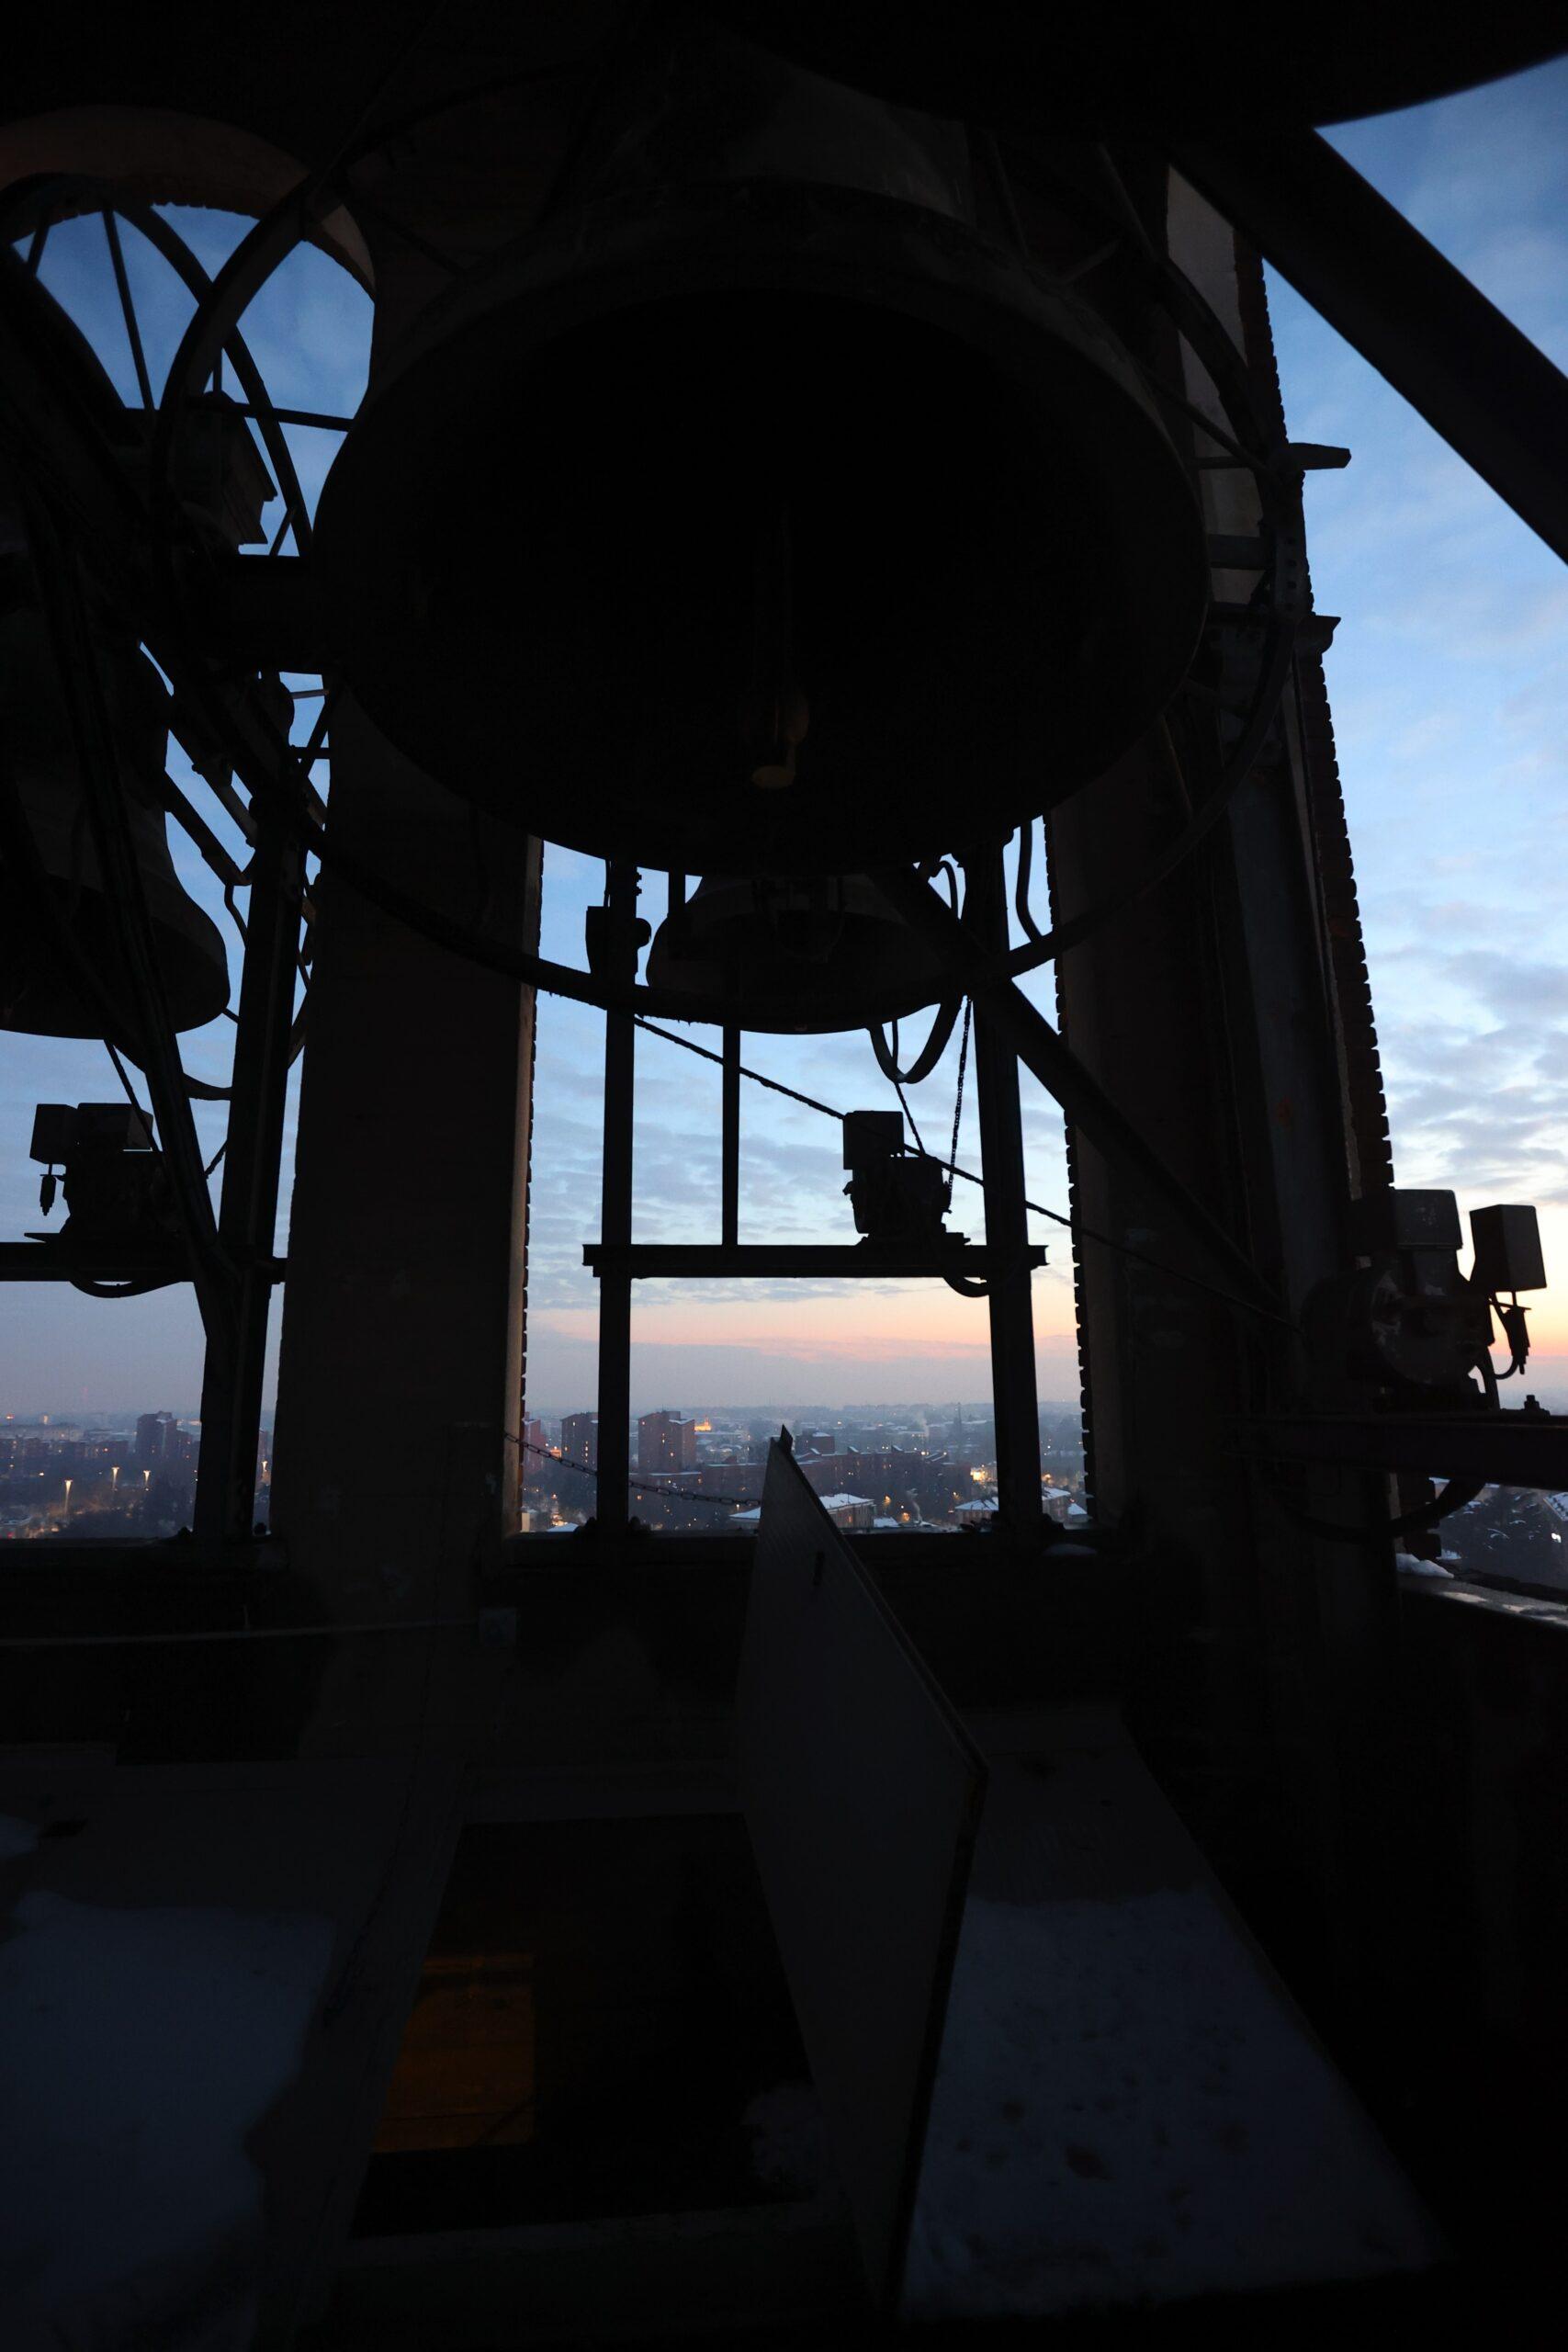 campanilebaggio21